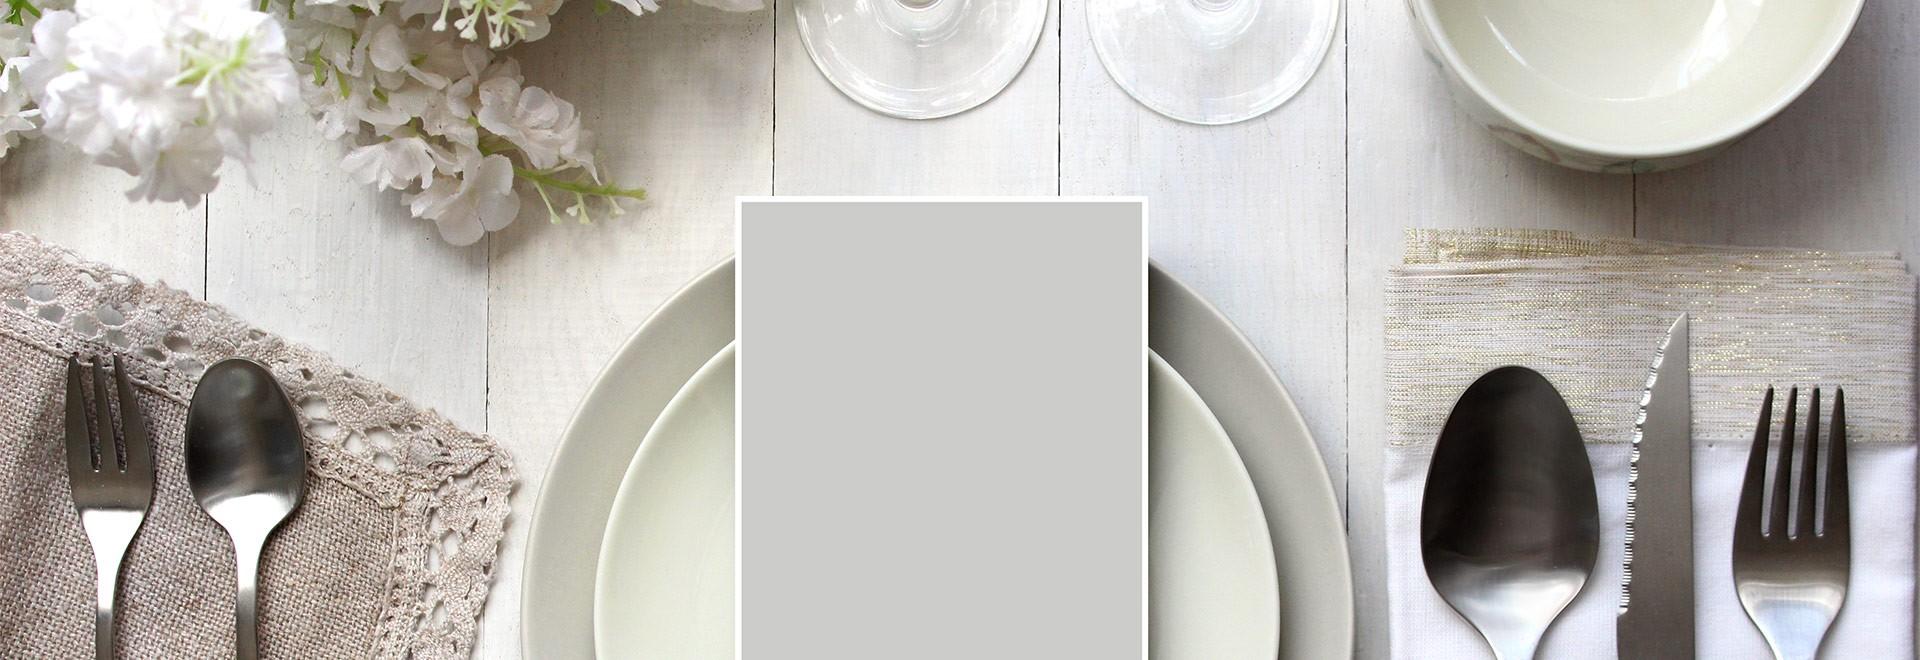 La sélection de la vaisselle et la coutellerie vue par les conseillers support aux ventes